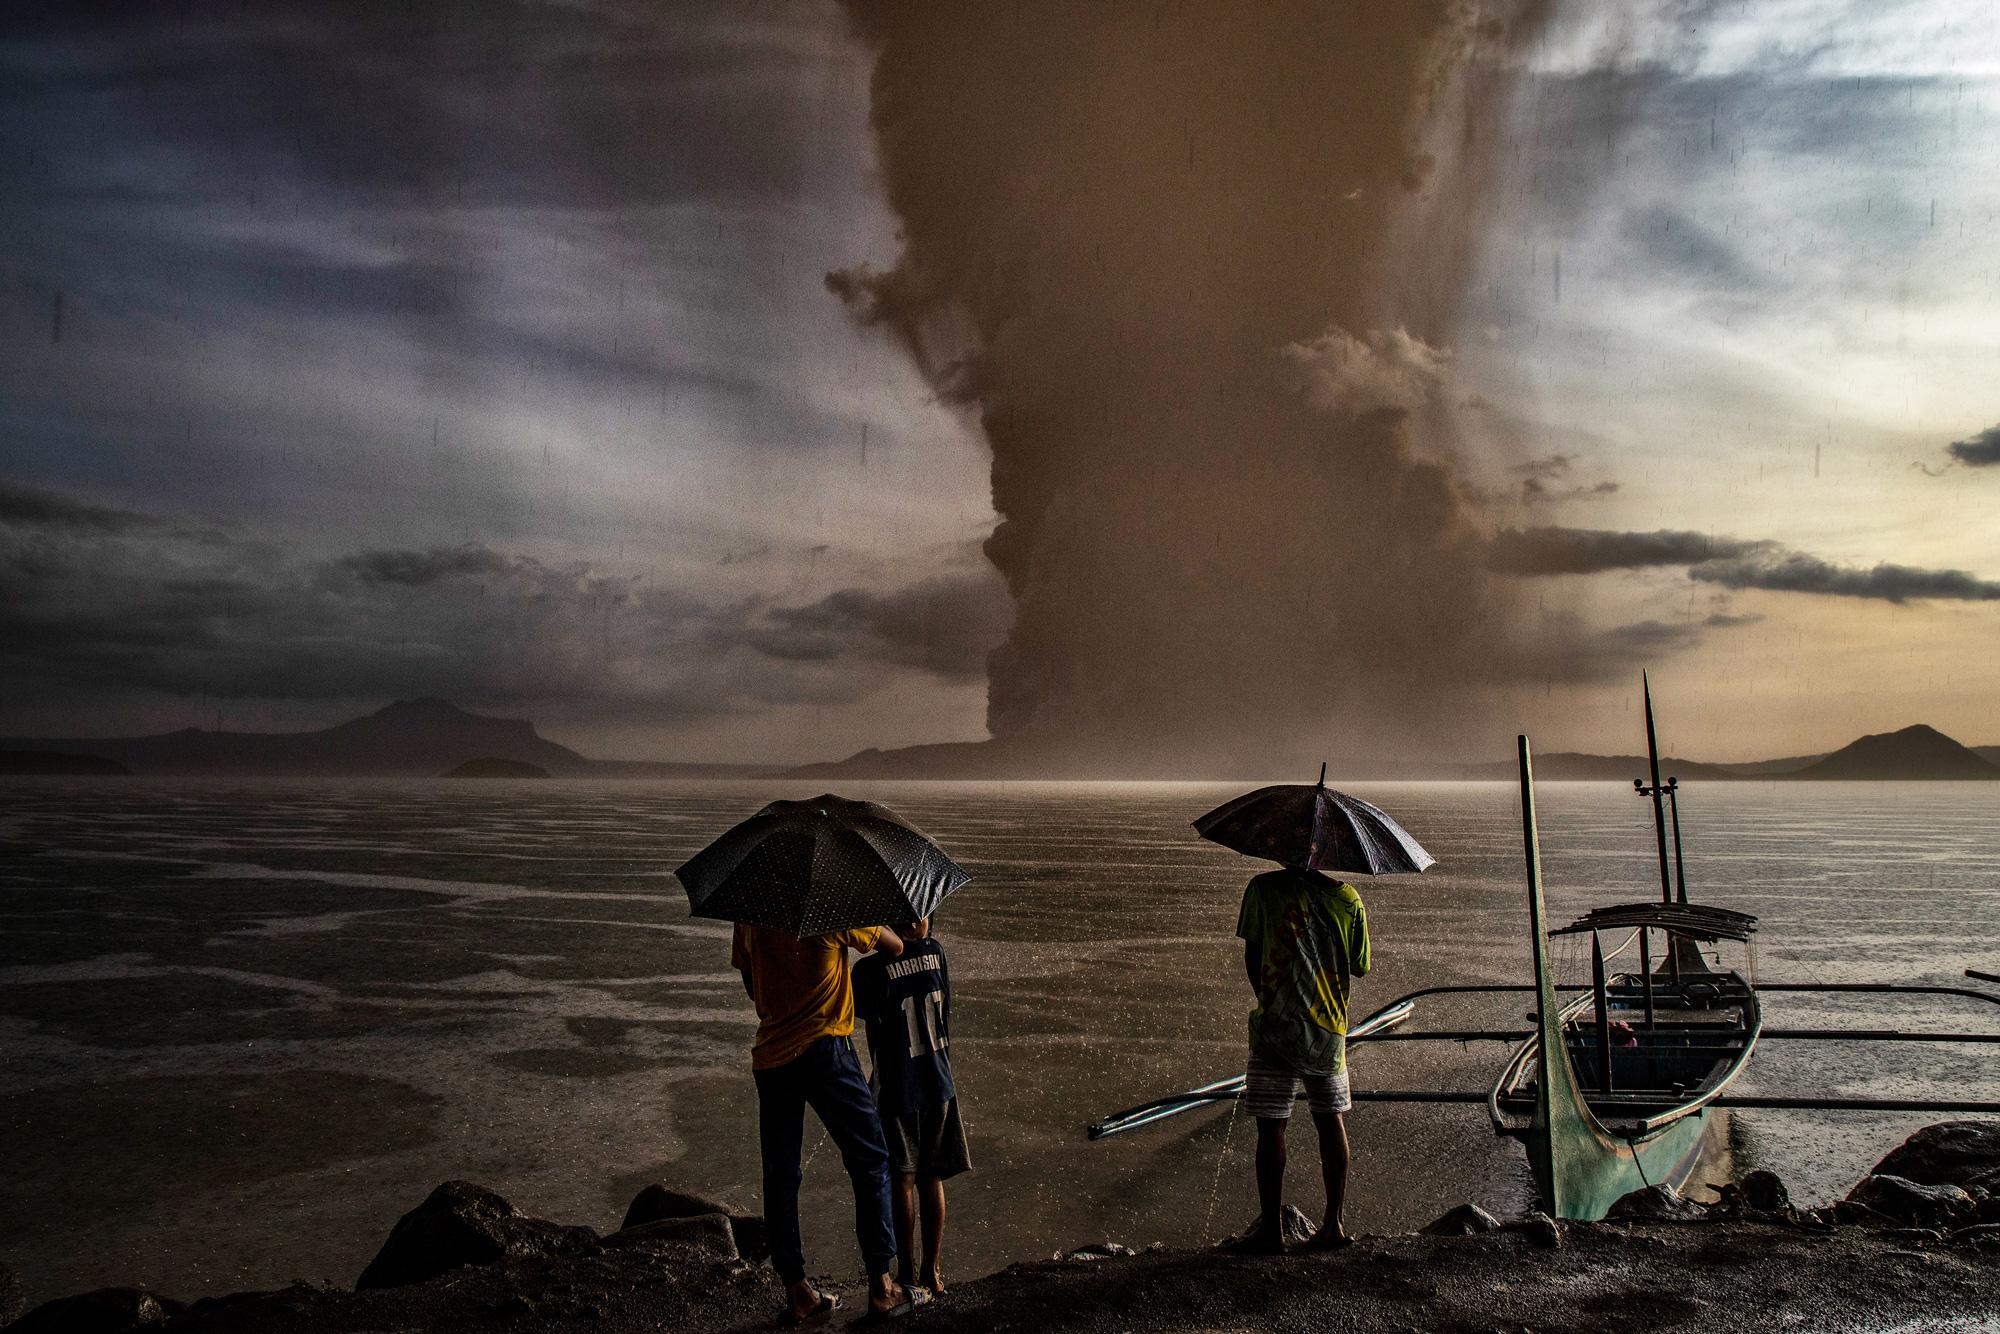 12 января: местные жители смотрят наизвержение вулкана Таал вТалисае, провинция Батангас, Филиппины. Власти начали эвакуацию жителей возле вулкана ввоскресенье, когда вулкан начал извергать столбы пепла, достигающие 1 километра ввысоту. Филиппинский институт вулканологии исейсмологии поднял уровень тревоги дотрех попятибалльной шкале.